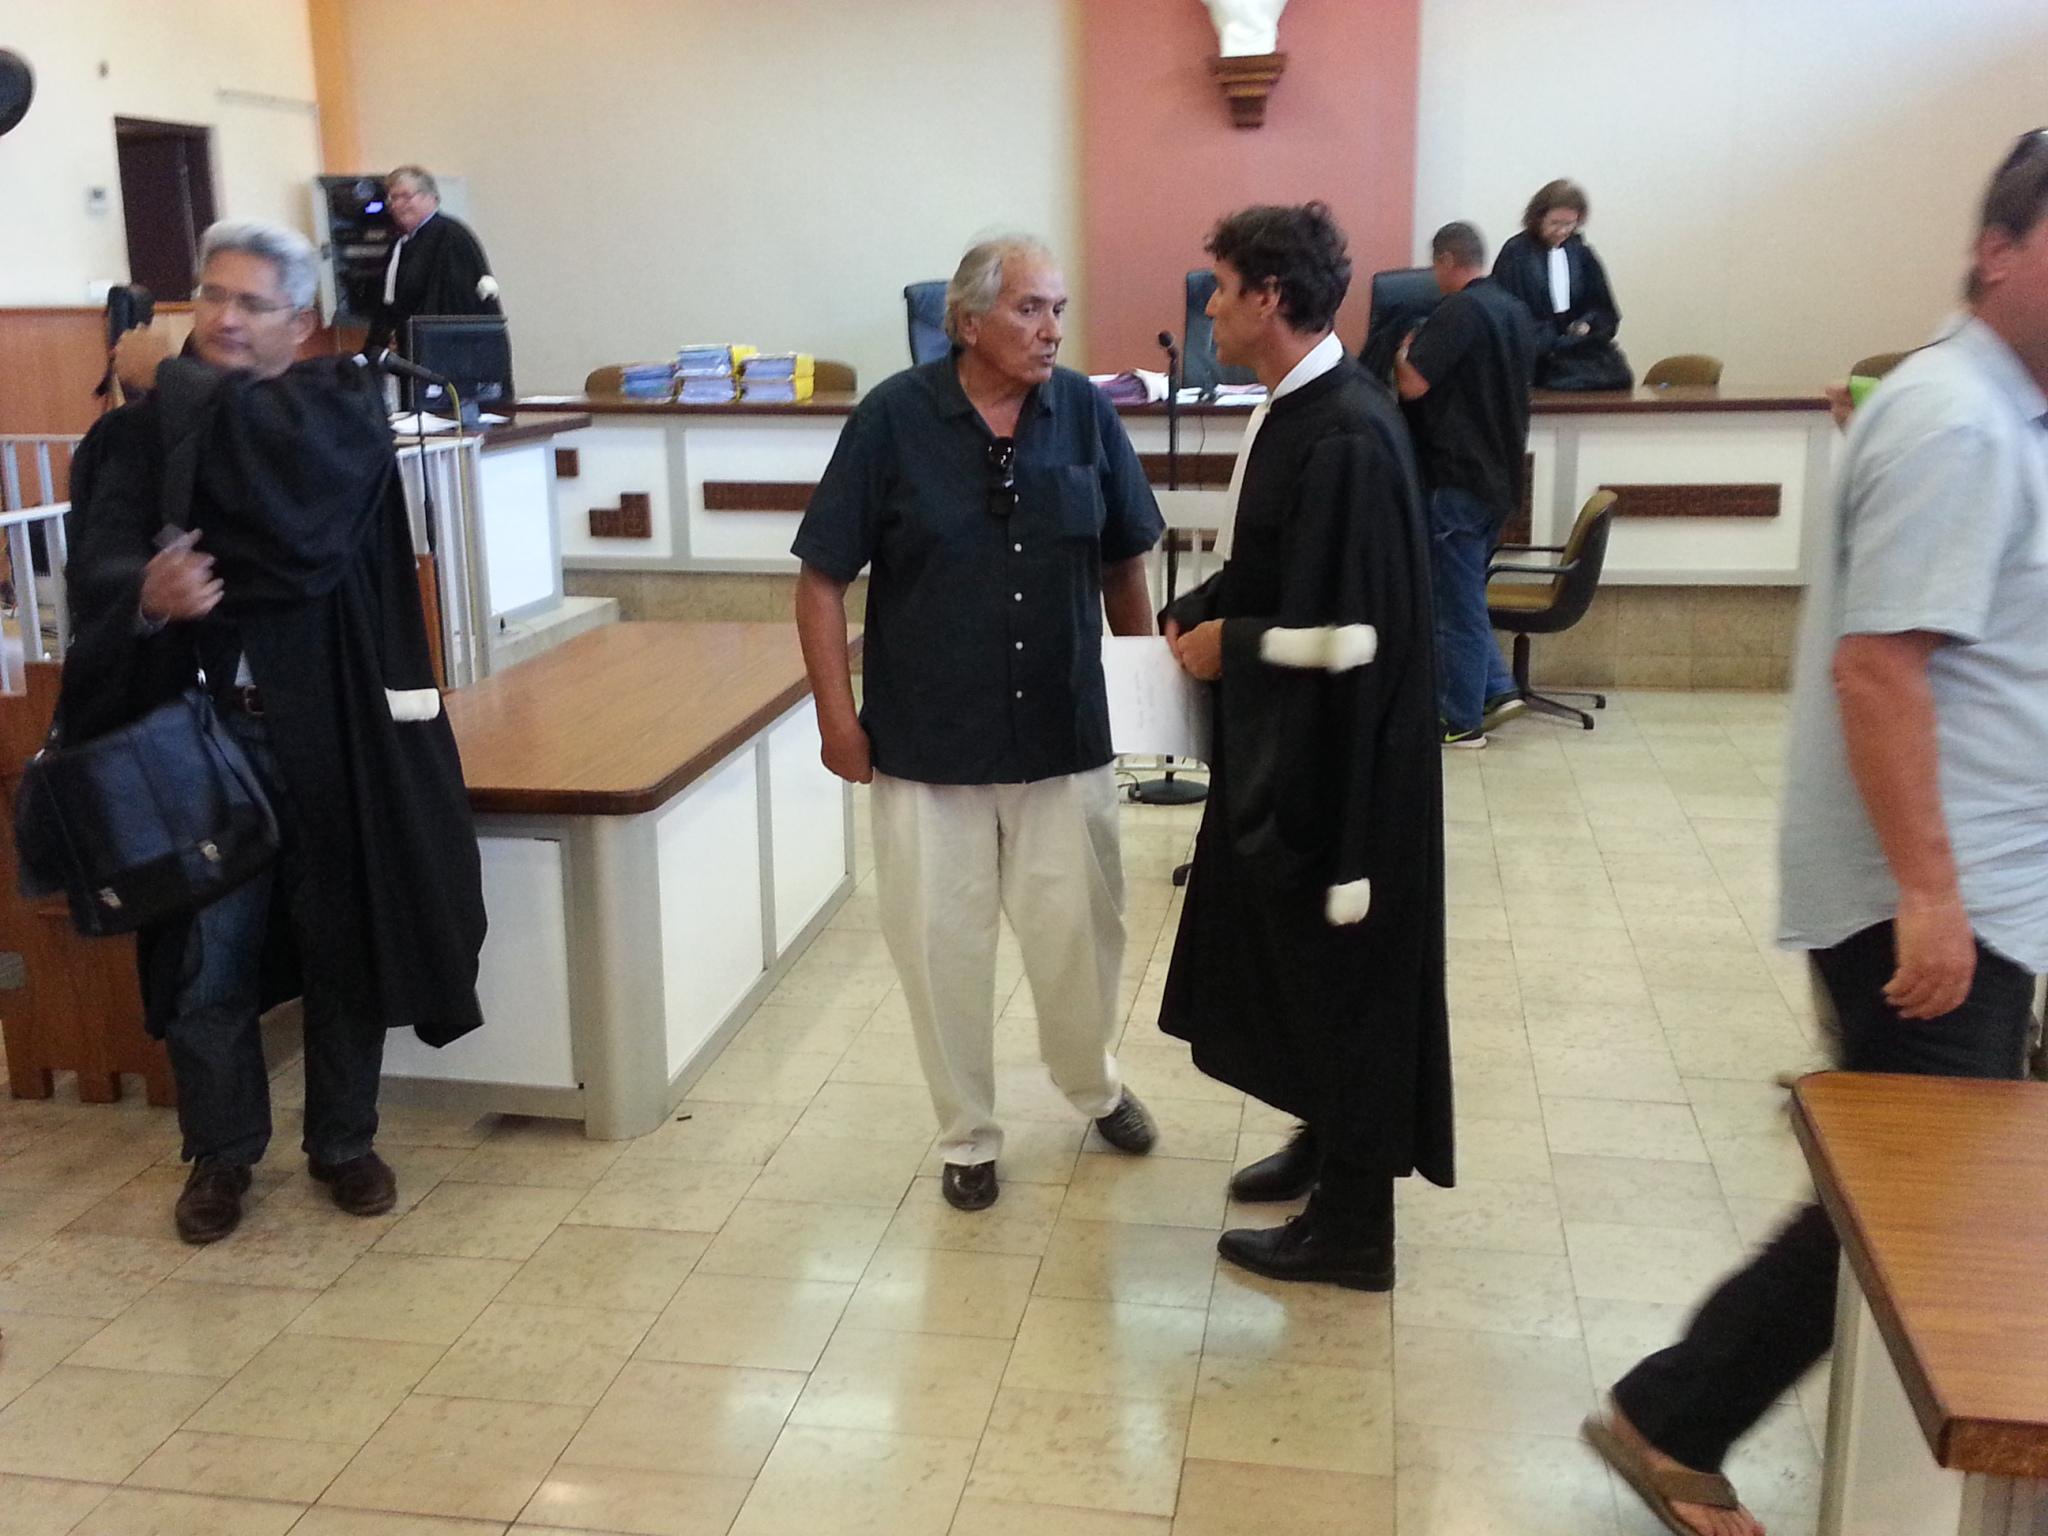 Le jugement sera rendu le 19 janvier 2016.